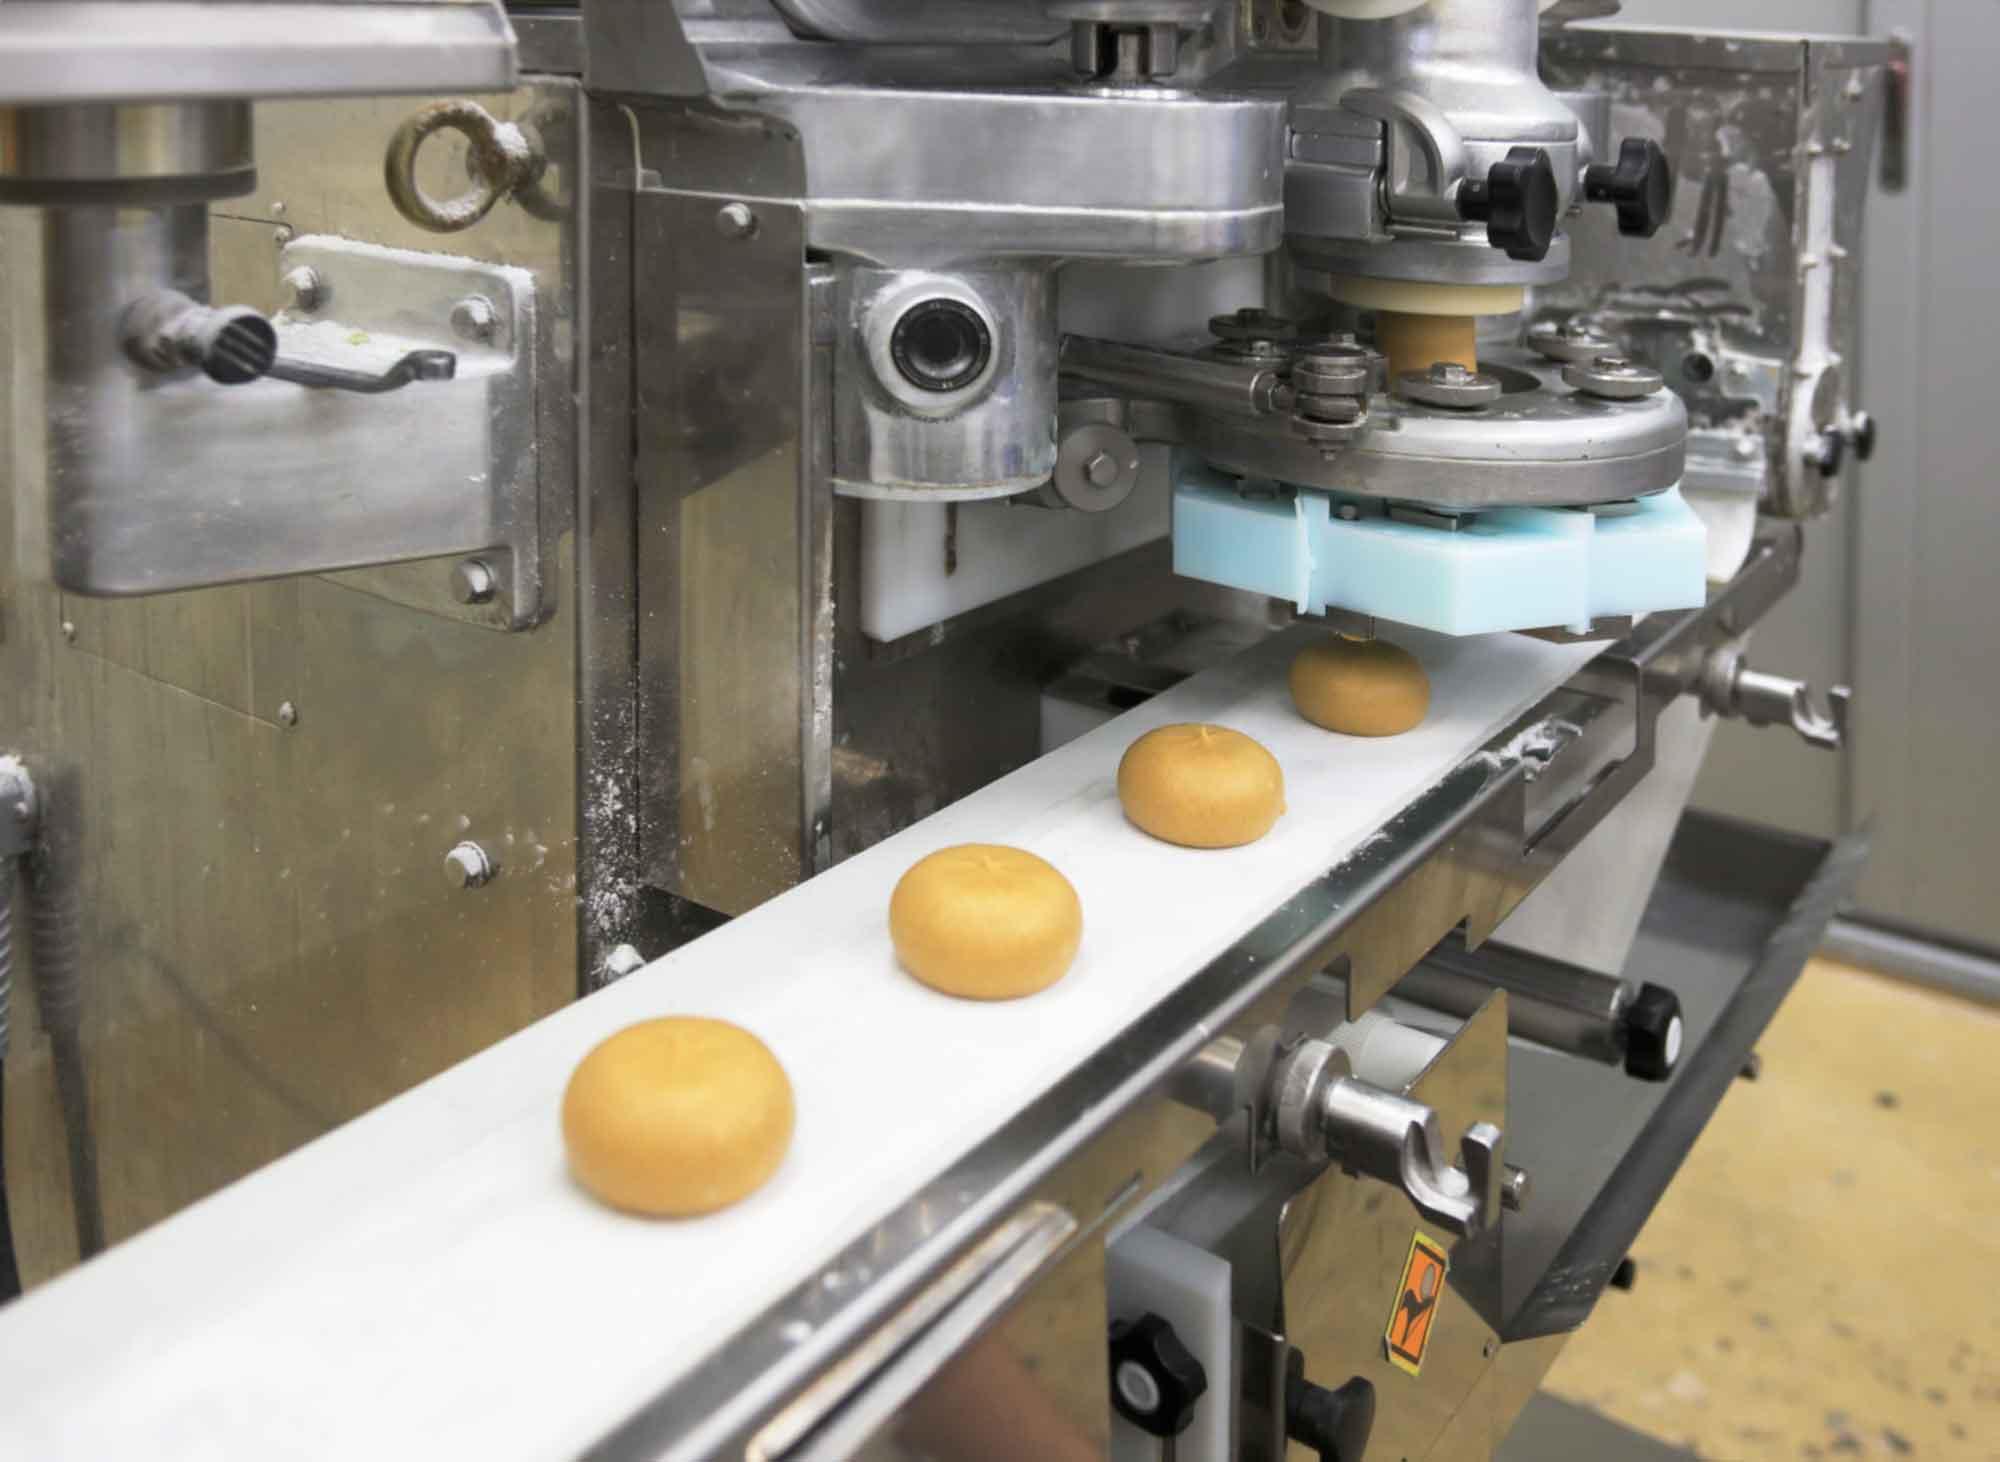 山形県アンテナショップおいしい山形 つくり手を訪ねて|出羽菓子処みのりや(有限会社達商):                 【包餡】できたてのとちもちはぷっくりと可愛いフォルム。週に1度、約1,500個が作られる。